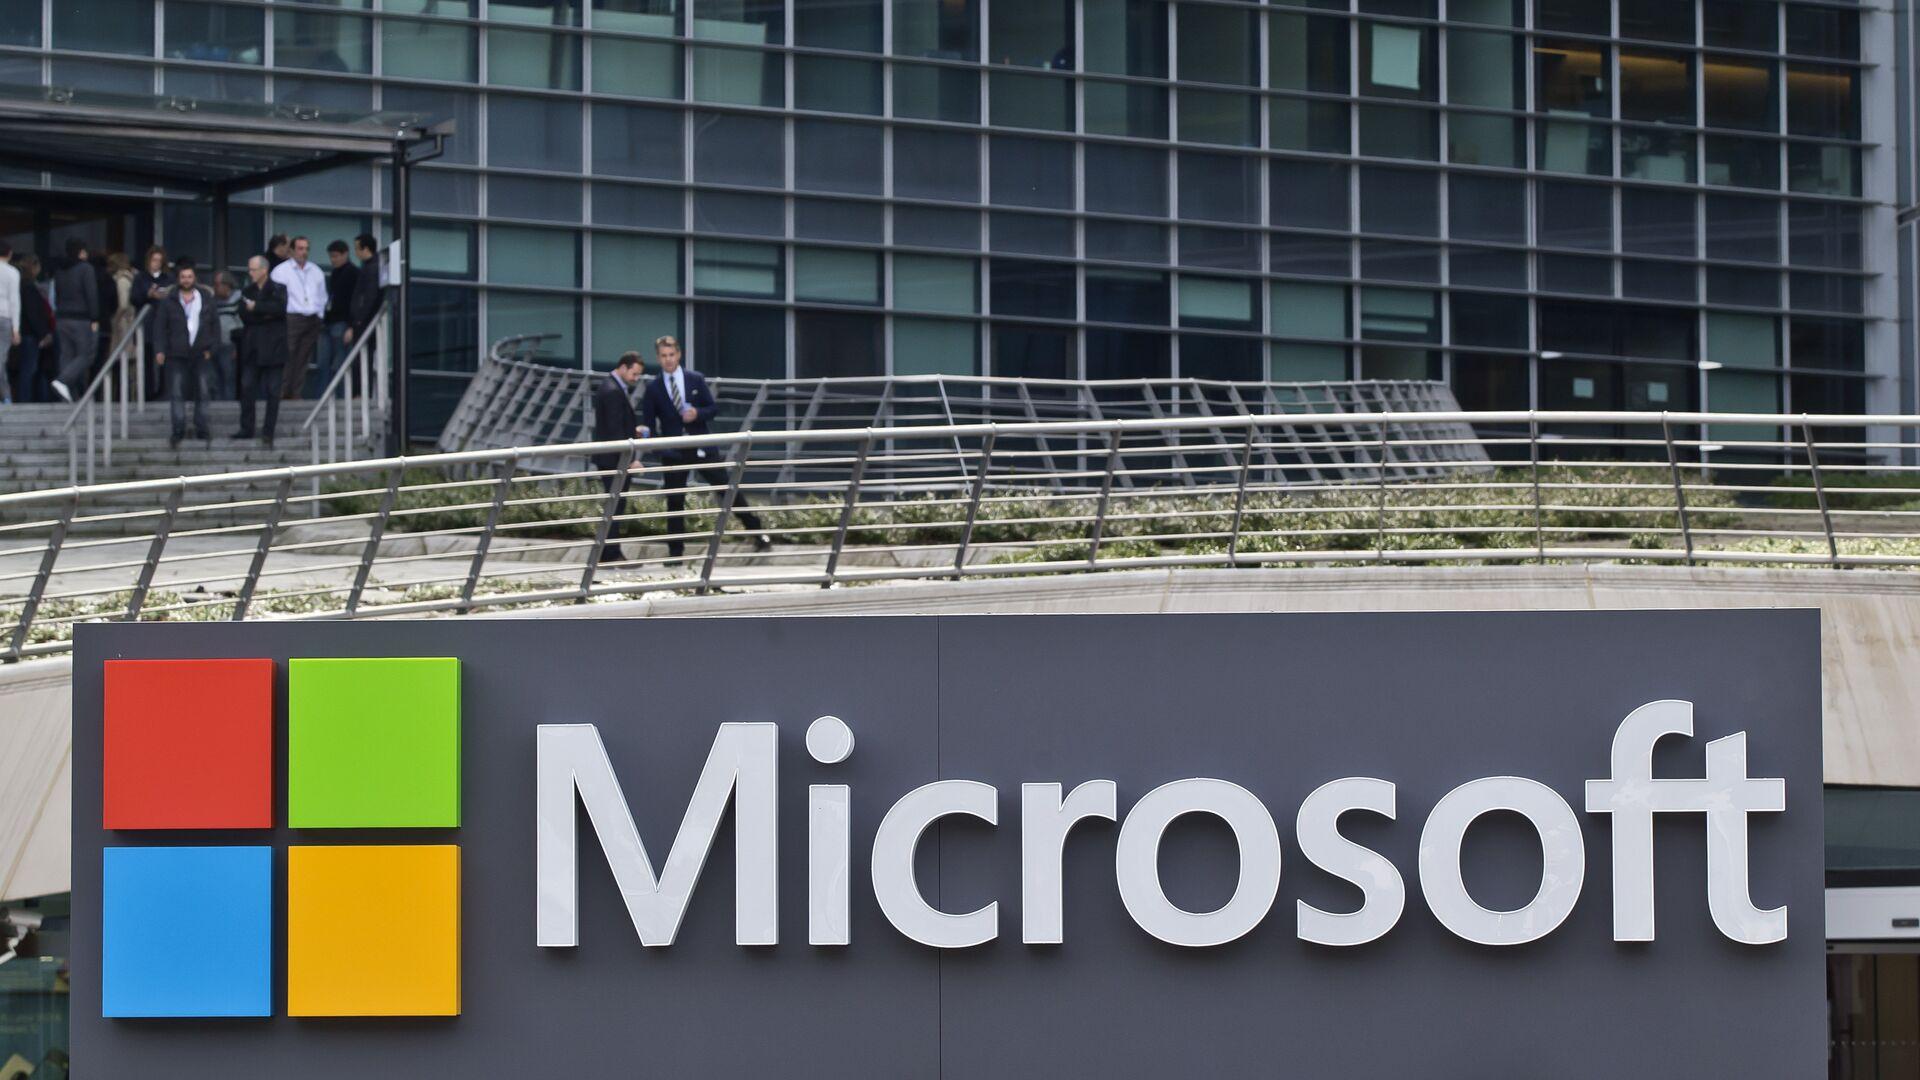 Офис компании Microsoft под Парижем, Франция - РИА Новости, 1920, 18.12.2020